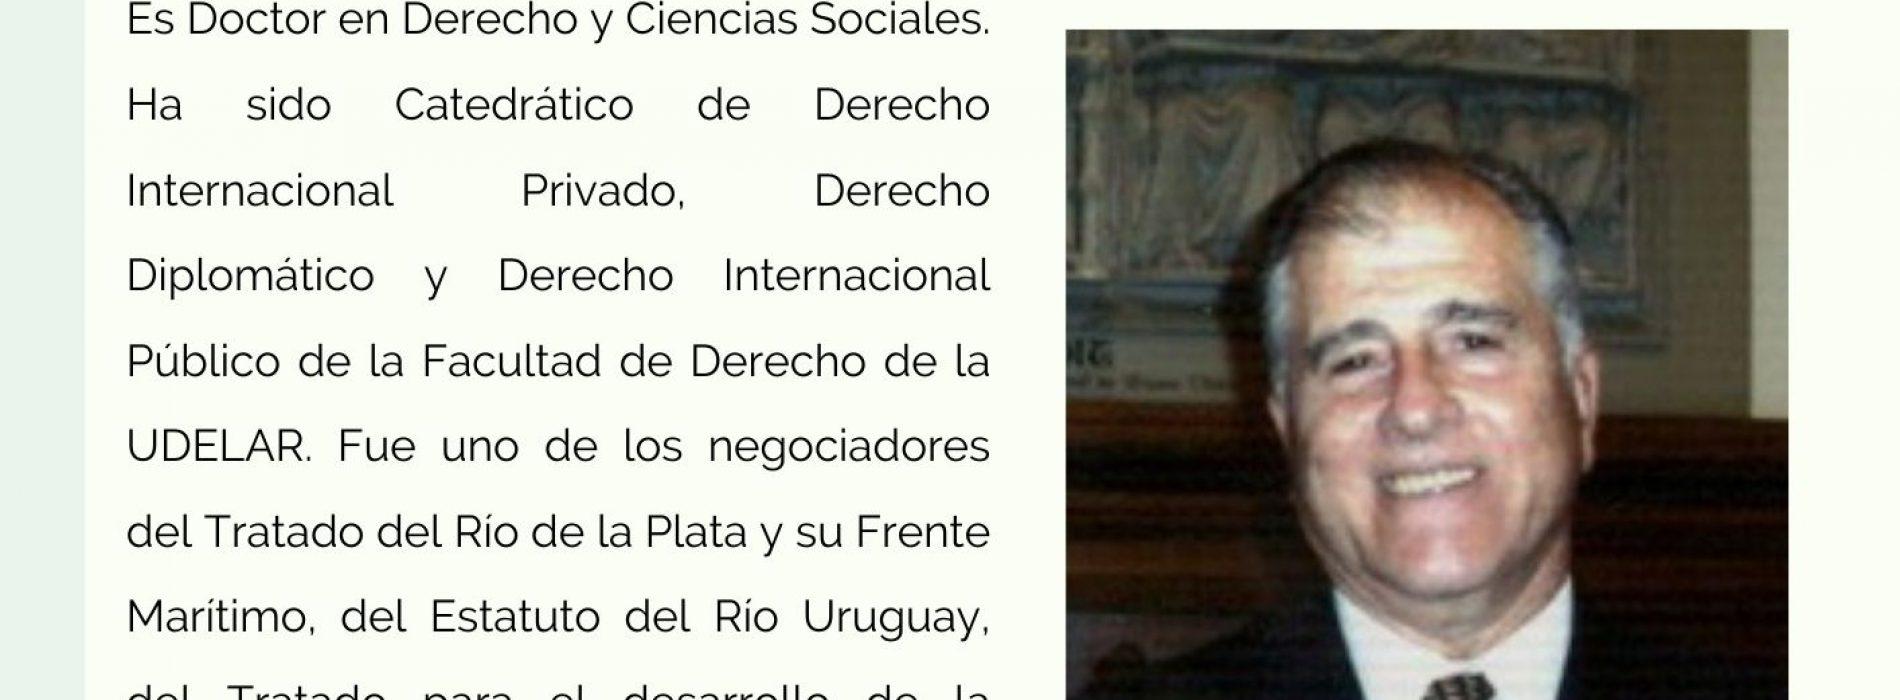 CURI ONLINE con Dr. Edison González Lapeyre.